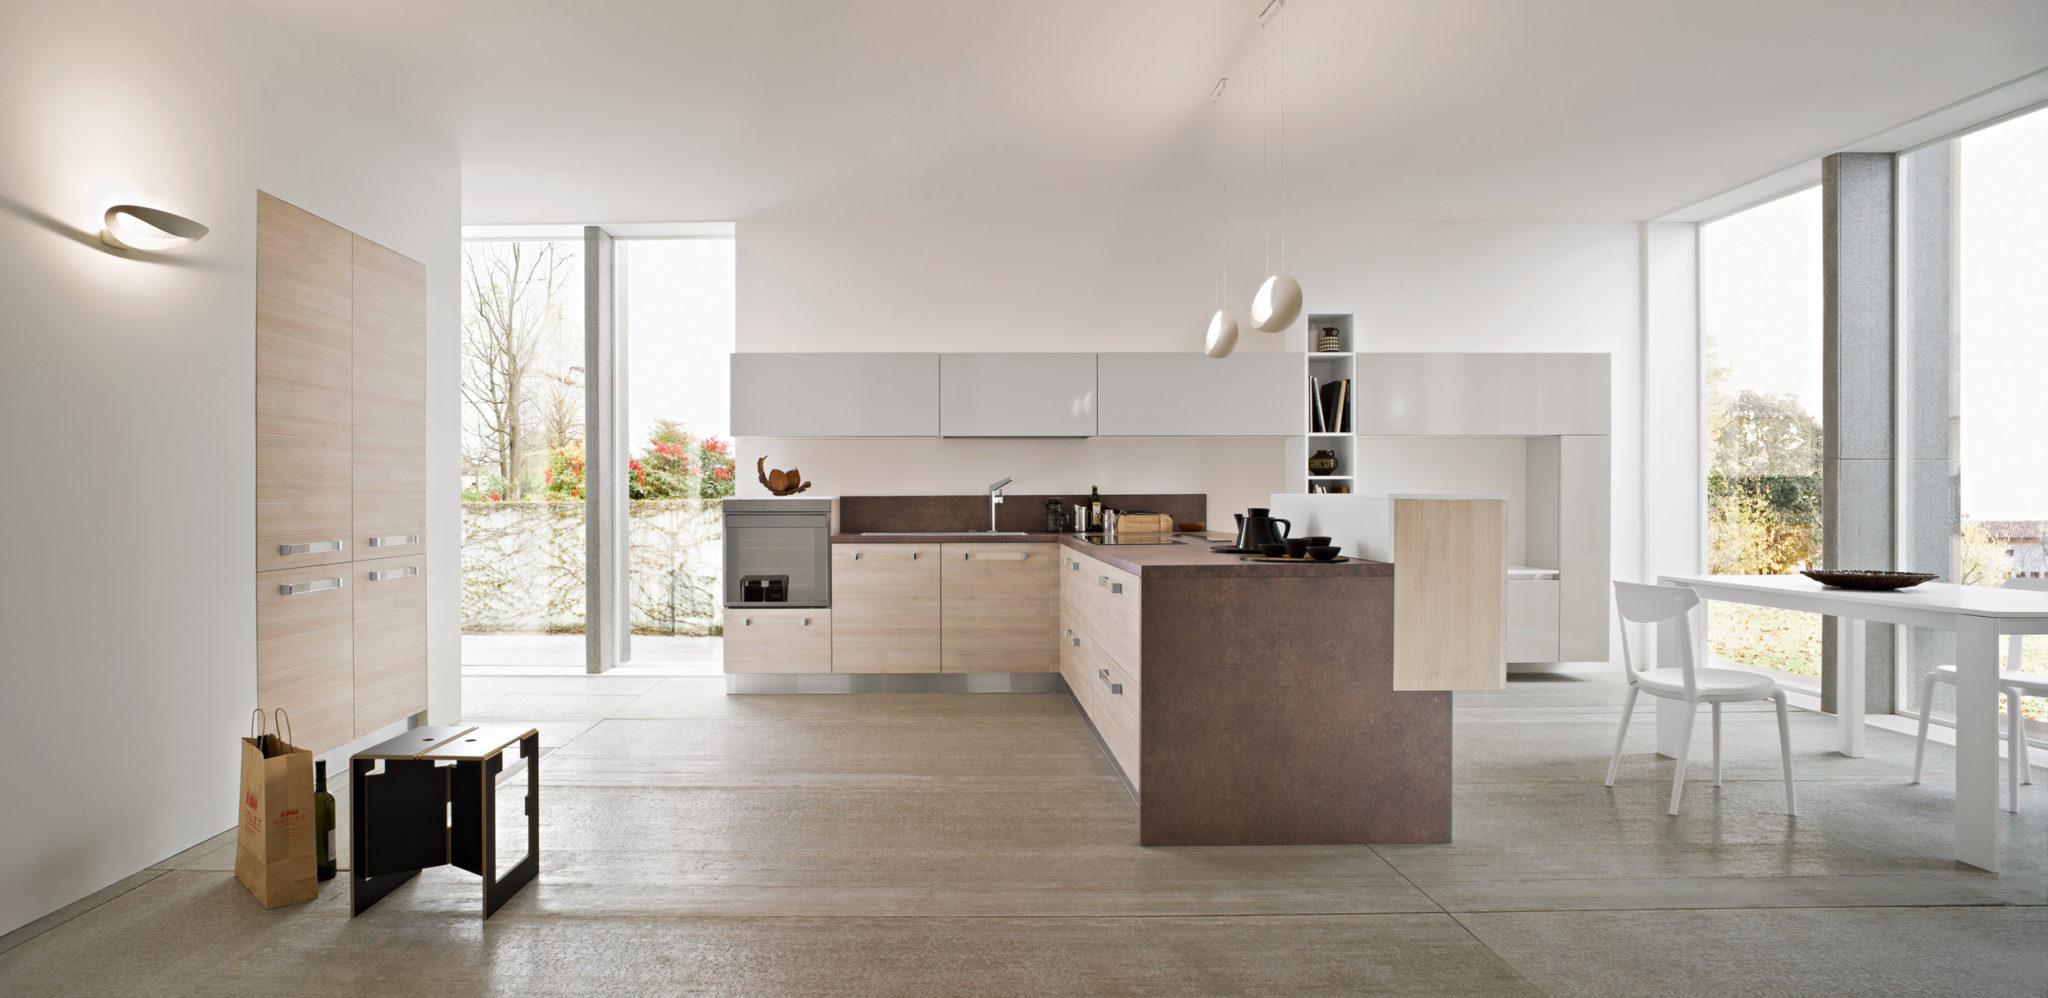 Maiorani arredamenti vendita mobili ad avezzano l 39 aquila for Mobili cucine moderne componibili